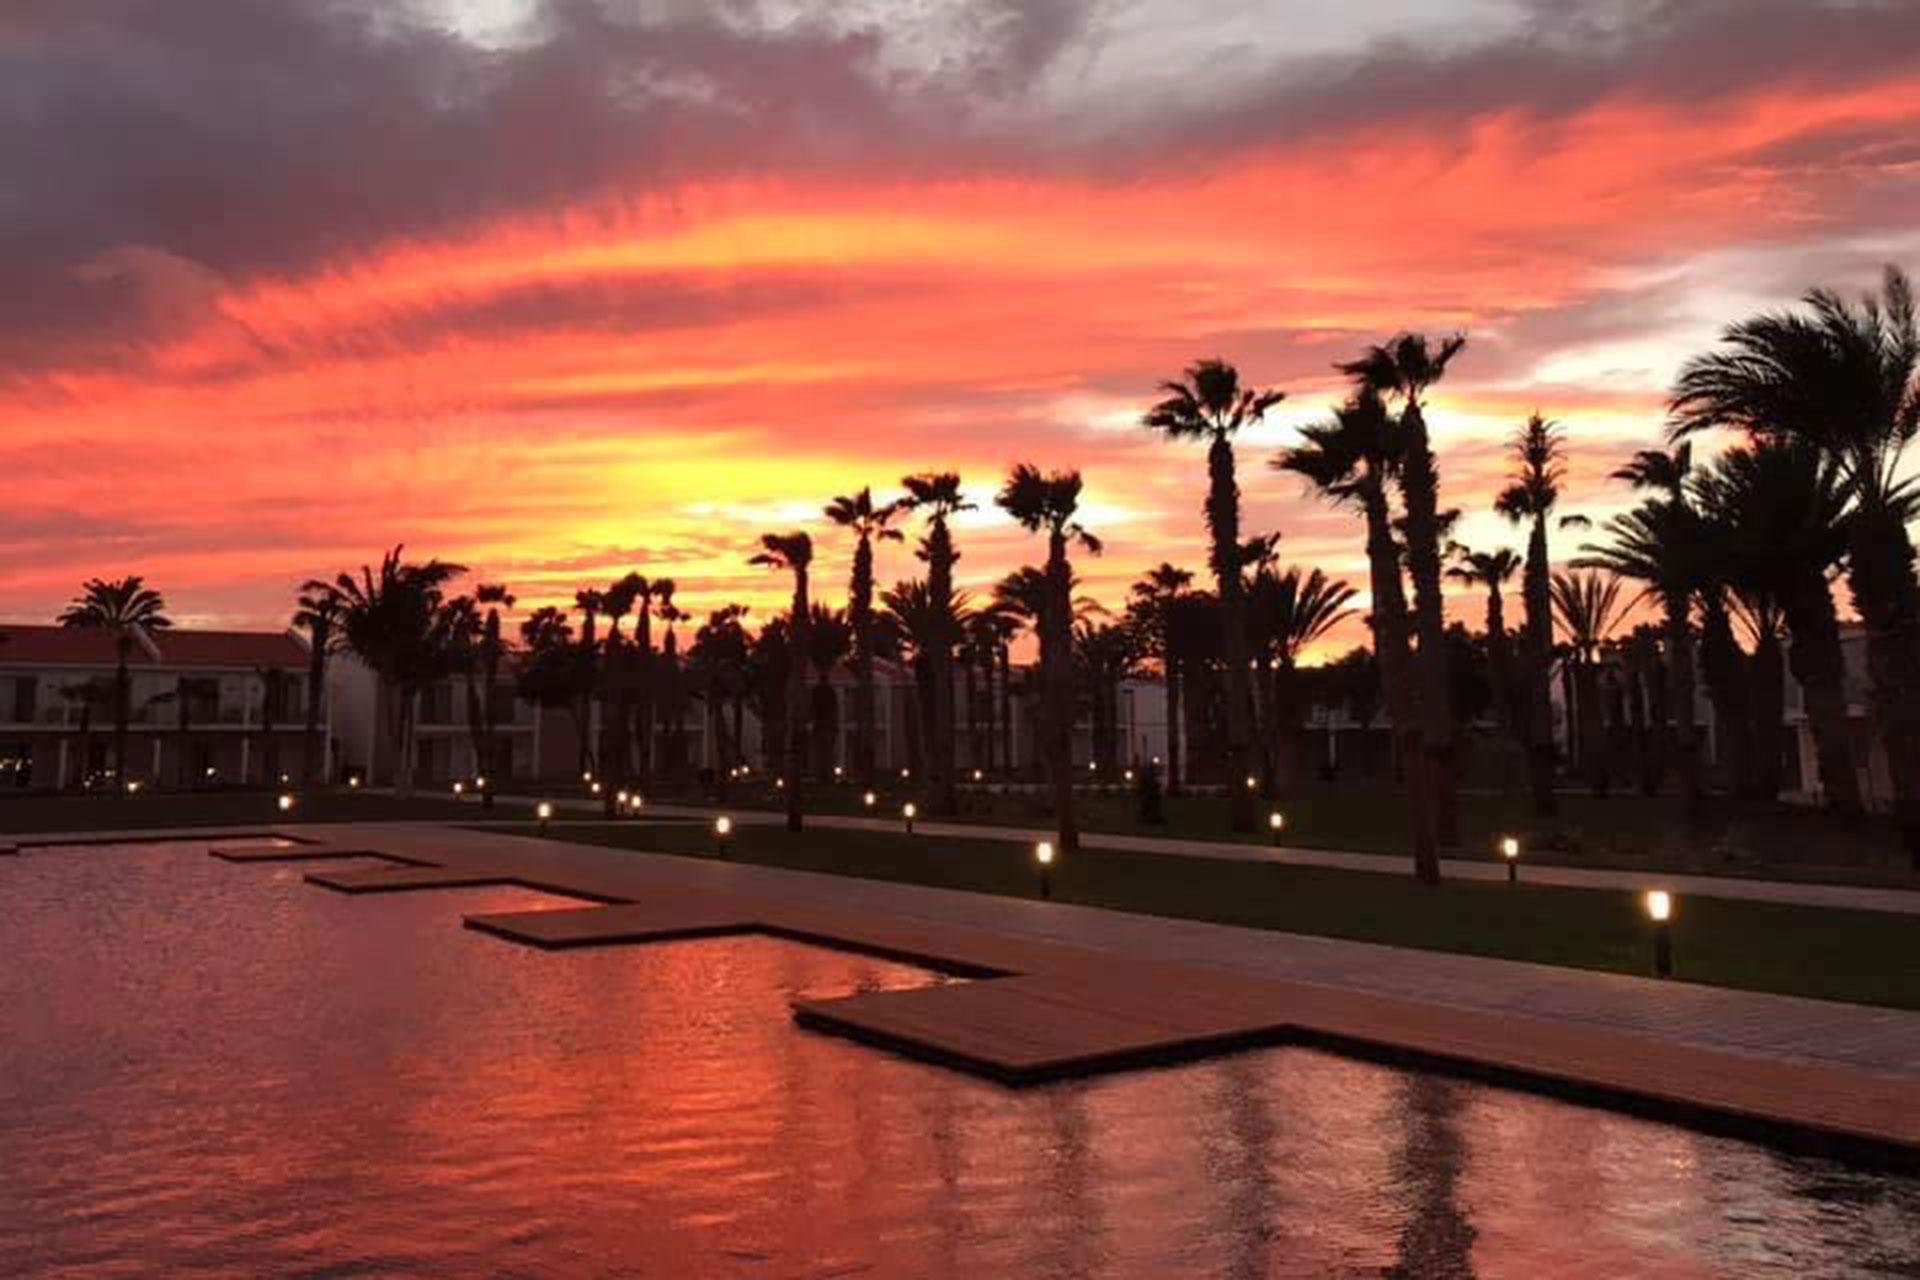 Sonnenuntergang über dem Pool des Robinson Club Cabo Verde